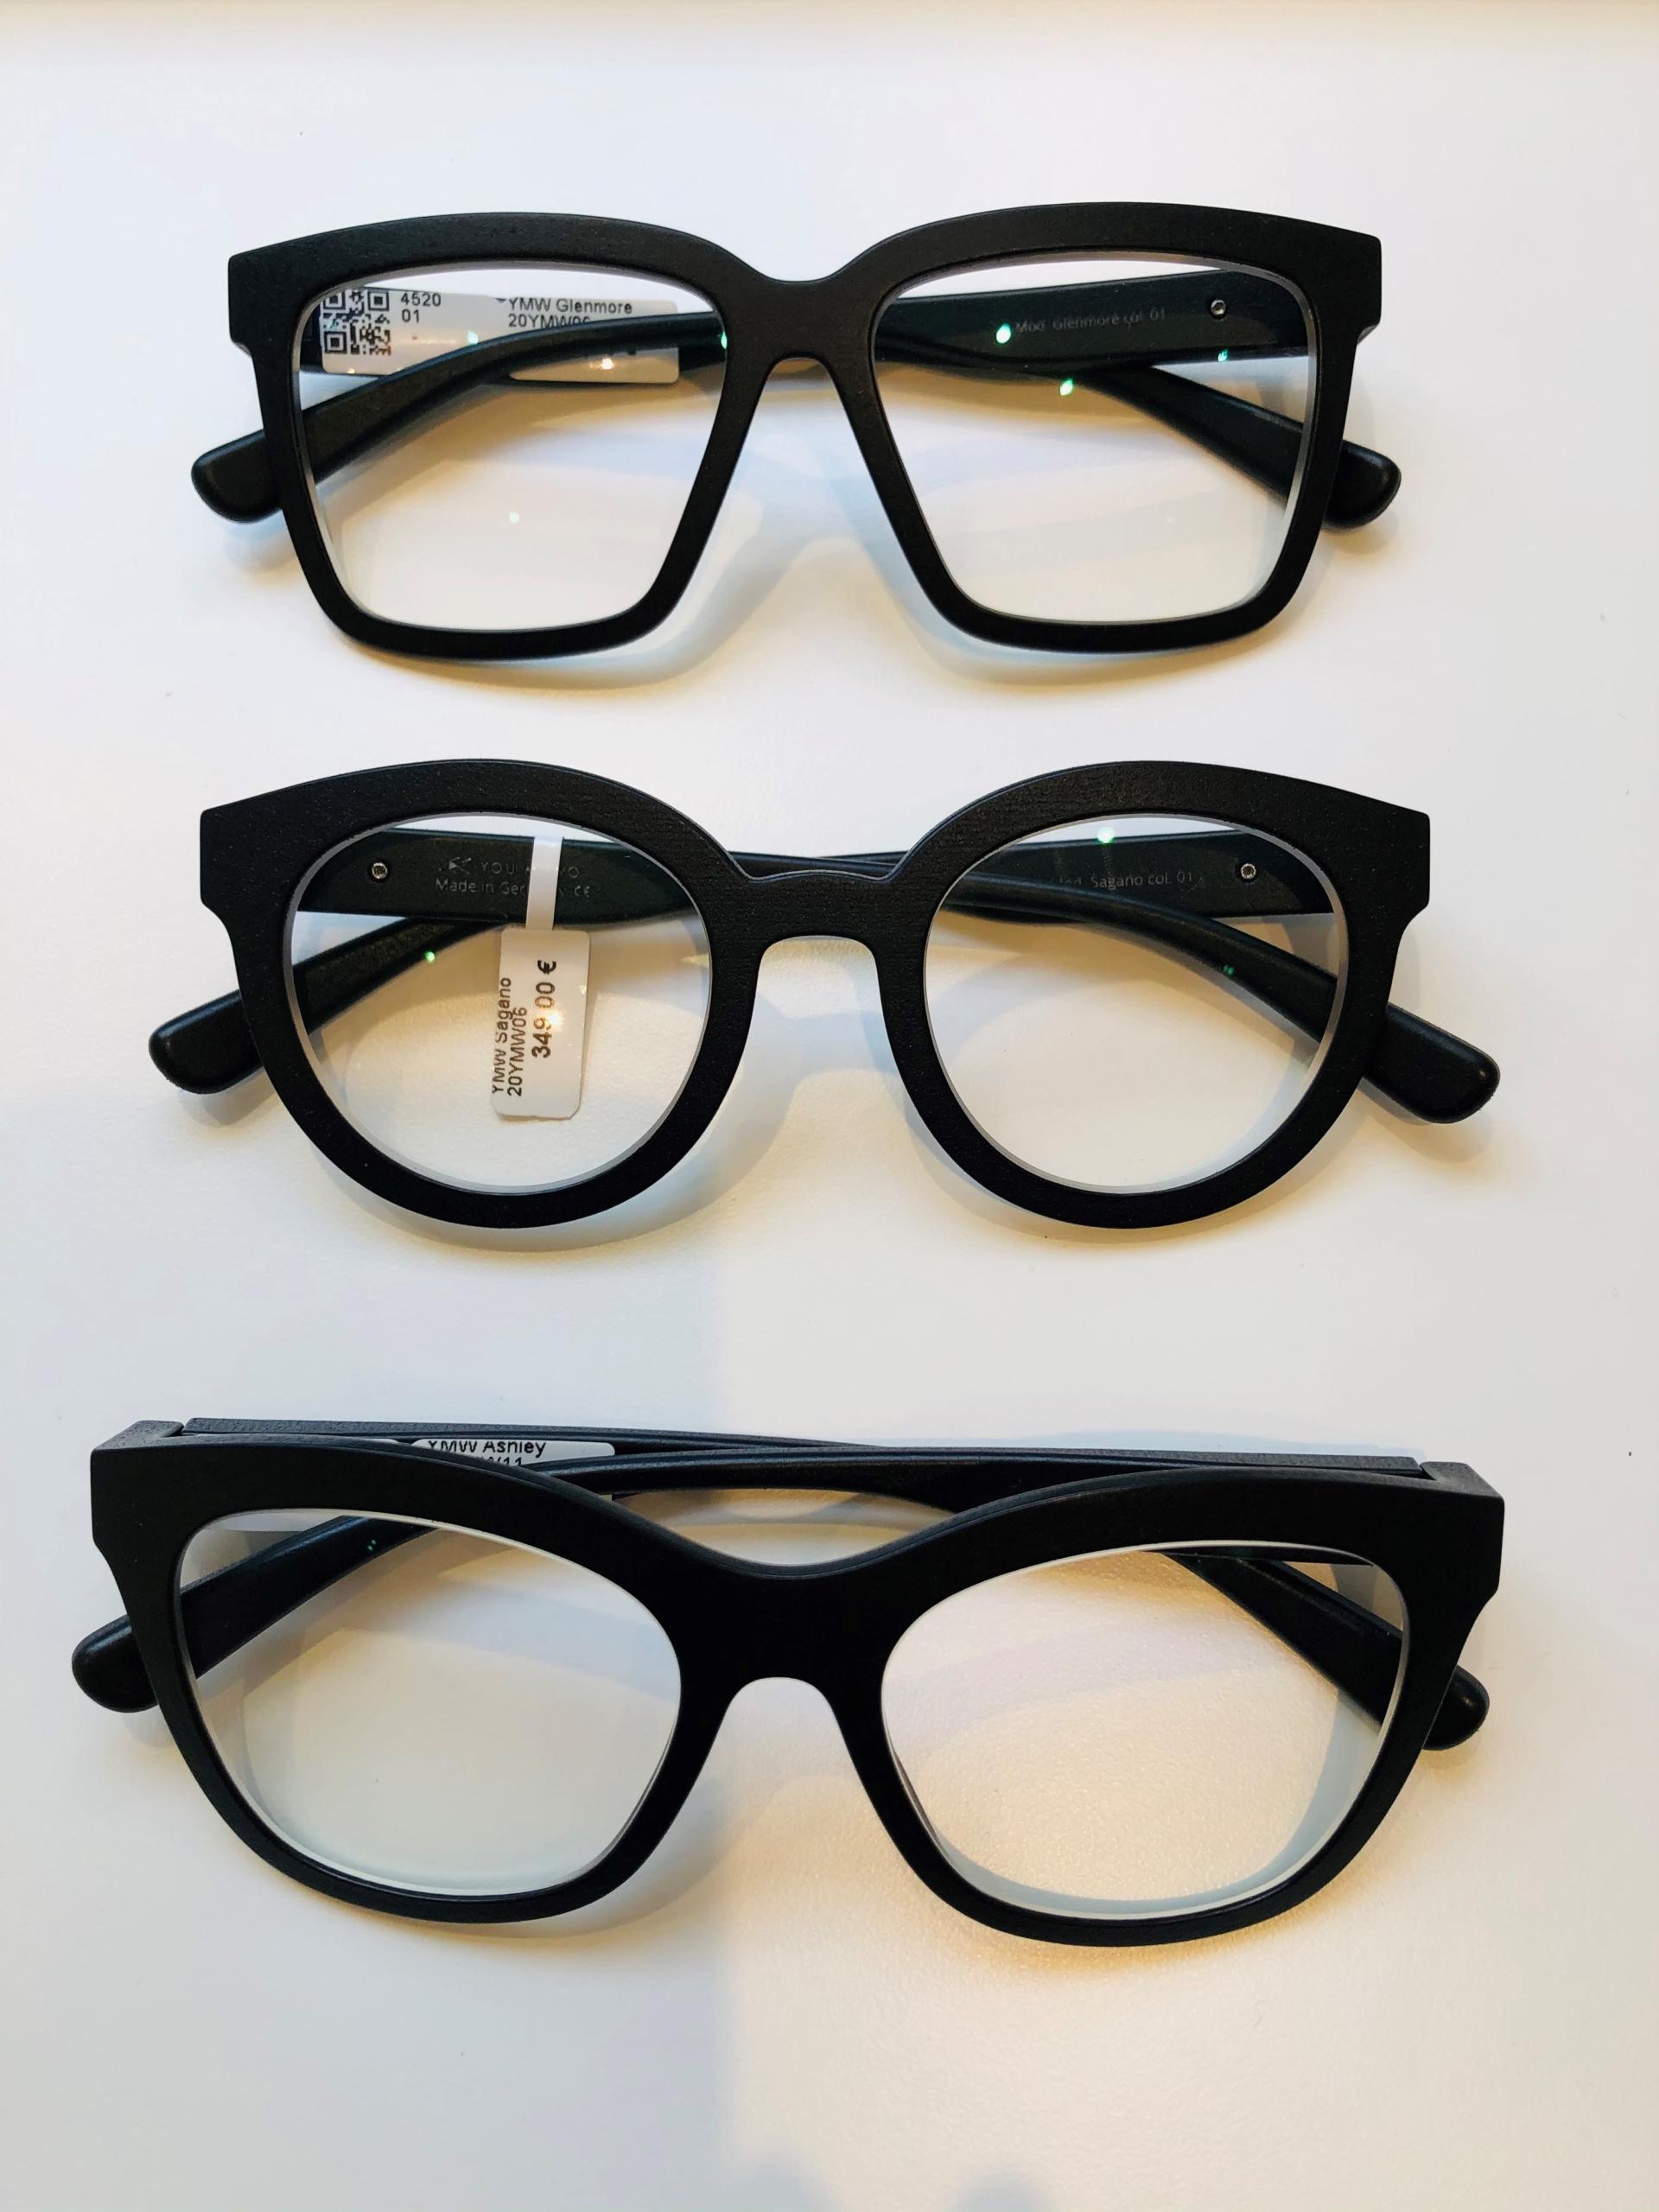 5_Schaufenster online_02122020_Optiker Augensache Brille Kontaktlinse Friedberg_ANDY WOLF_YOUMAWO